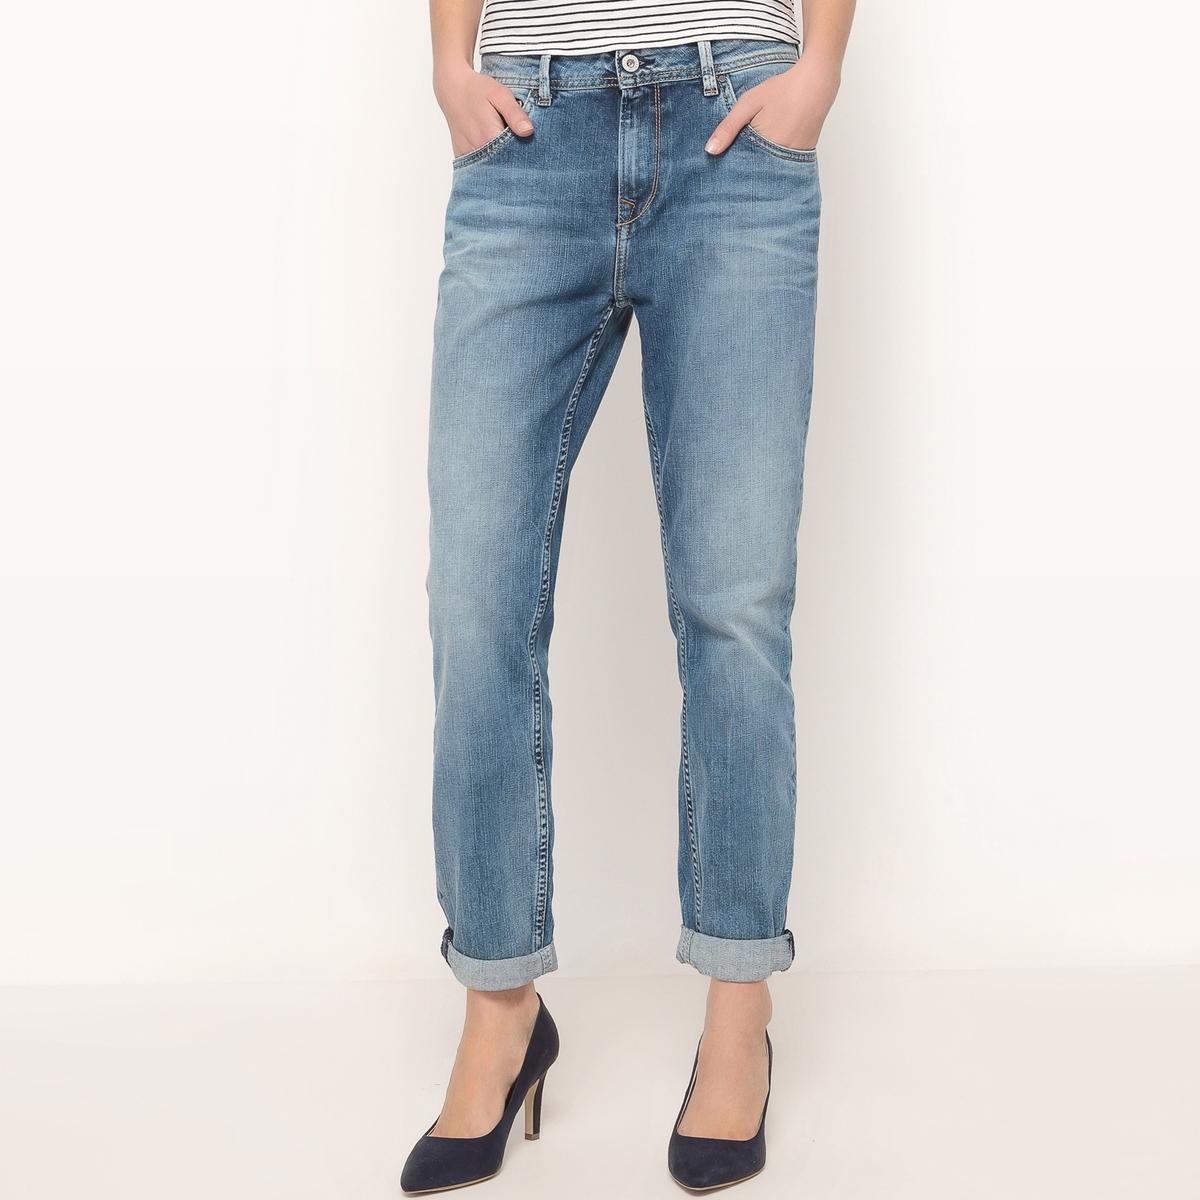 Джинсы бойфренд VAGABONDМатериал : 98% хлопка, 2% эластана         Высота пояса : стандартная        Покрой джинсов : бойфренд        Длина джинсов : длина 32<br><br>Цвет: синий потертый<br>Размер: 27 длина 32